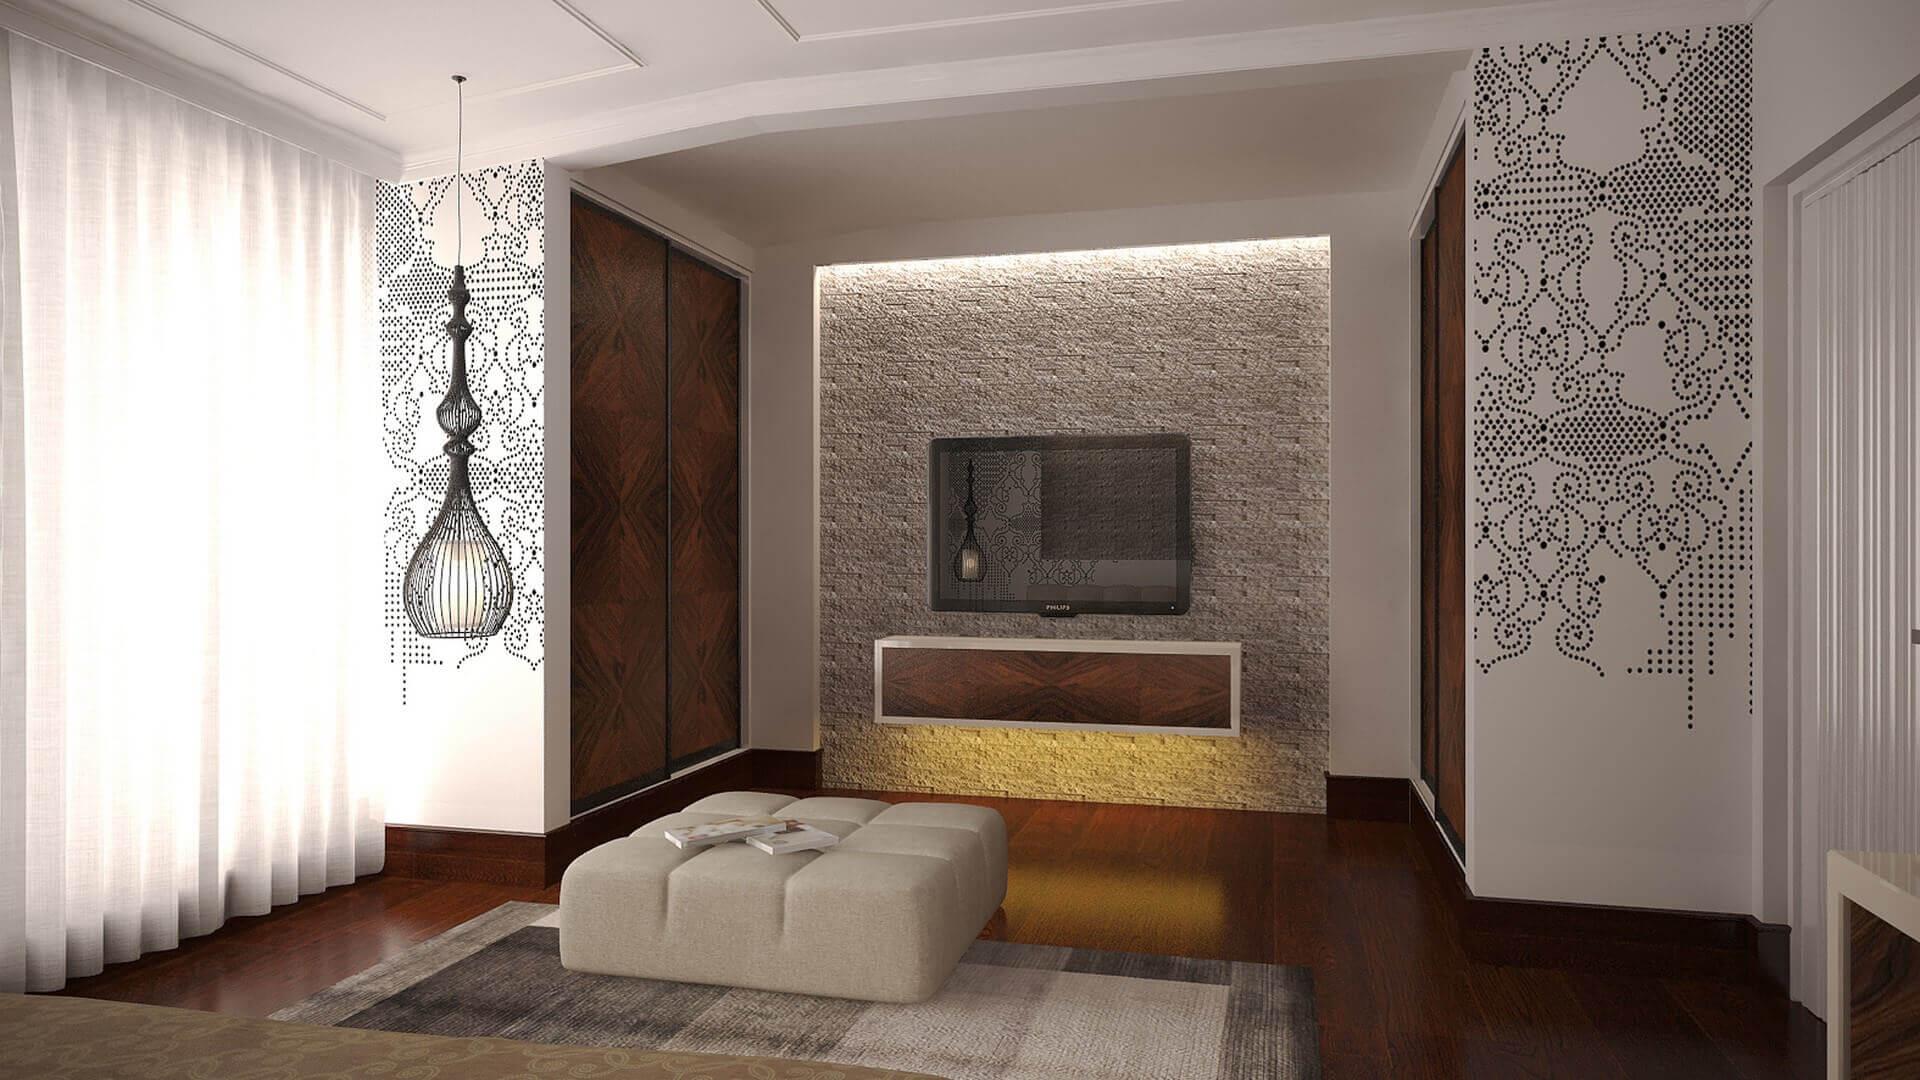 ev dekorasyonu 3070 C. Tombuloğlu Dairesi Konutlar